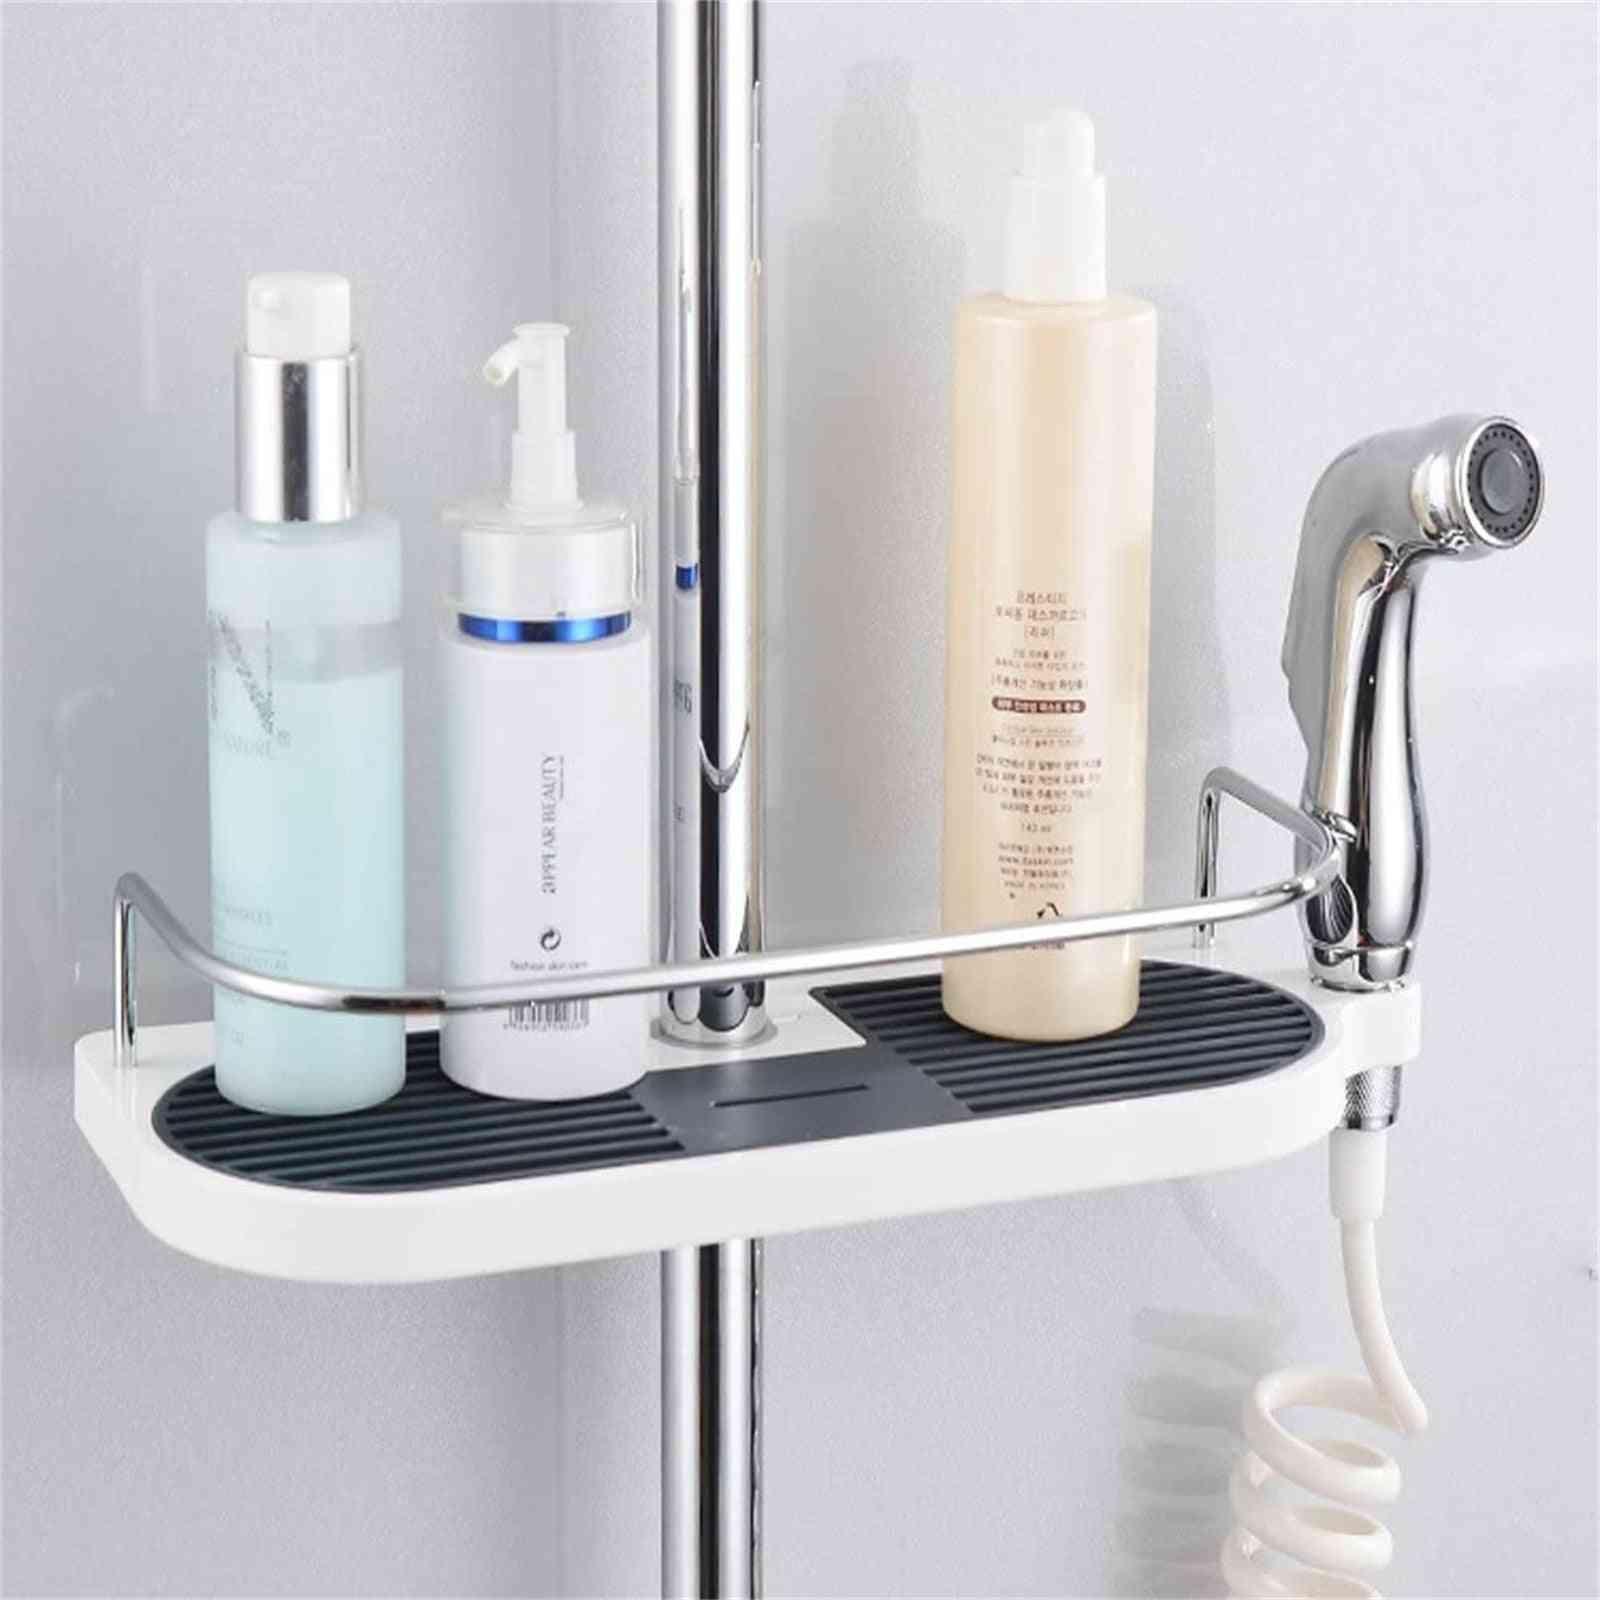 Practical Bathroom Shower Storage Rack Holder Large Pole Shelf